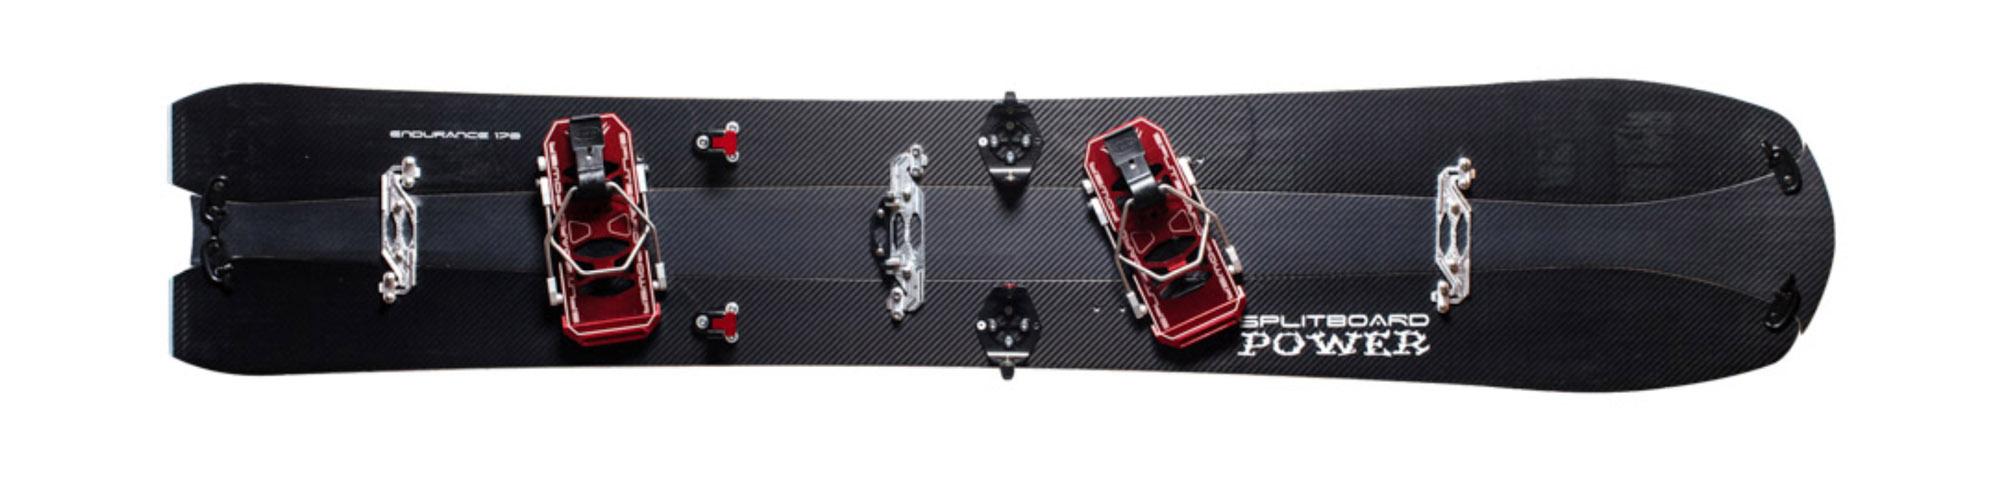 splitboard power skiboard